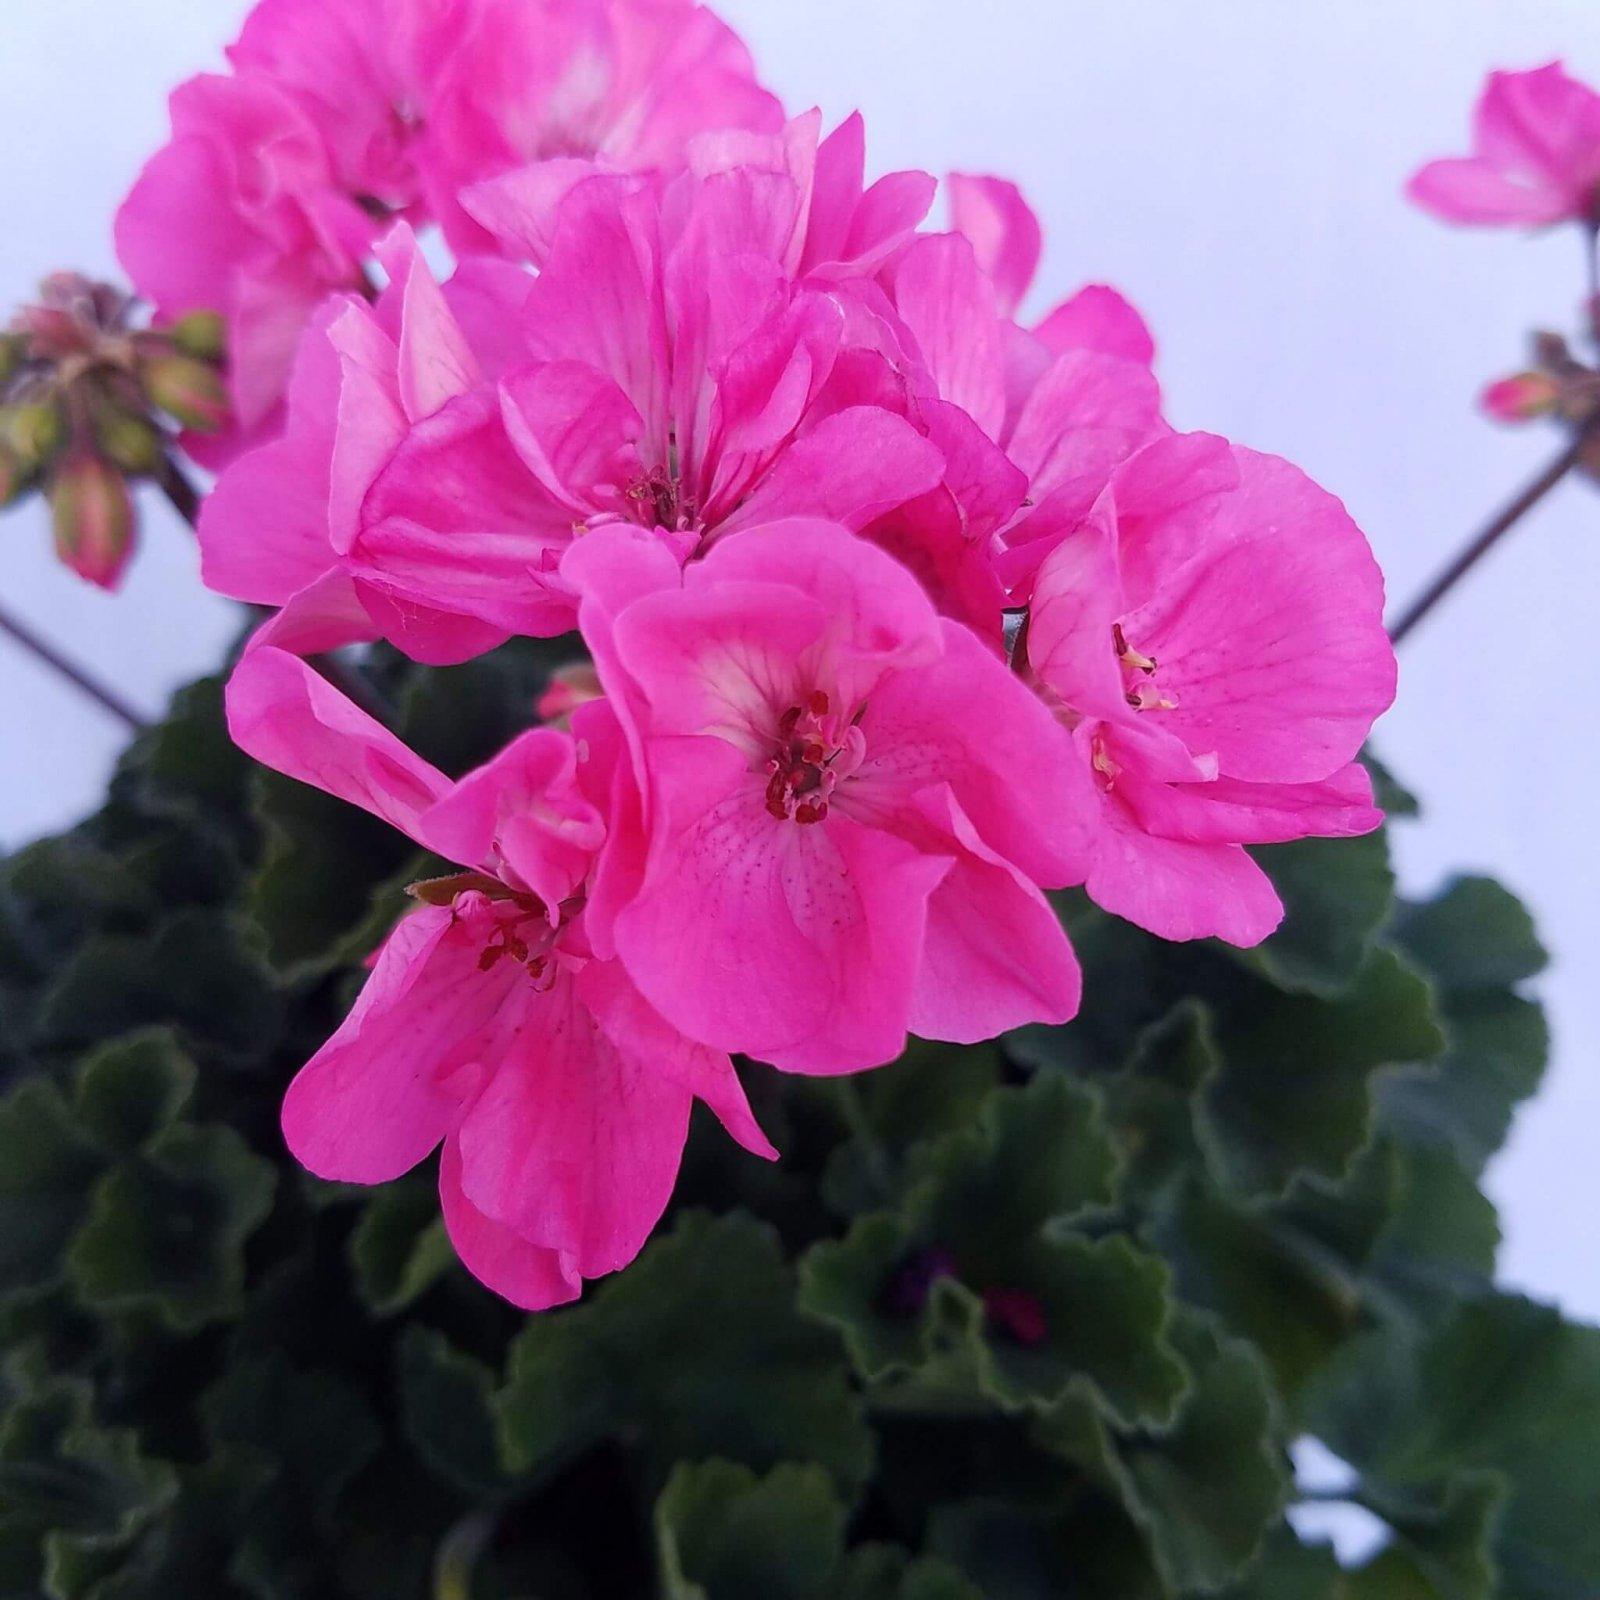 Geranium 'Fantasia Neon Rose' - 6 1/2